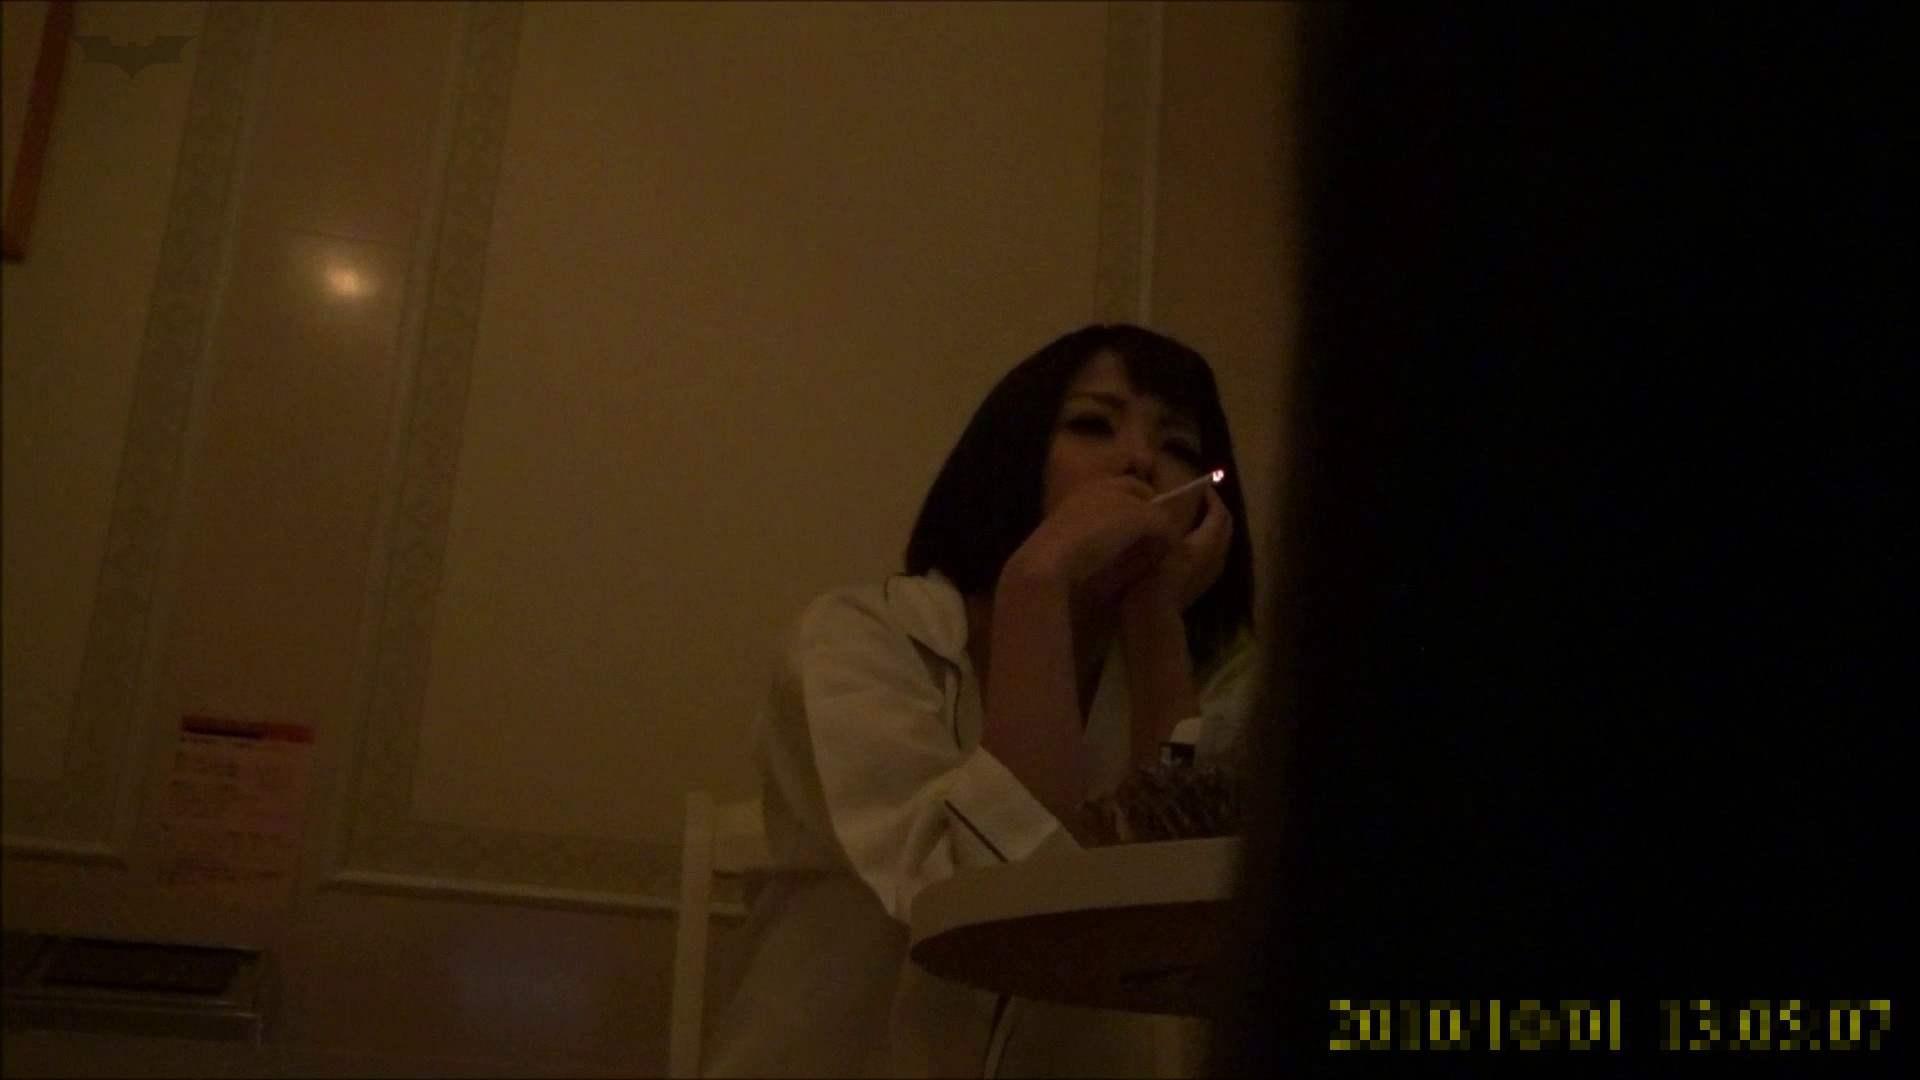 【未公開】vol.96 {茶髪→黒髪ギャル}美巨乳アミちゃん③【前編】 日焼けした肌 エロ画像 108画像 10